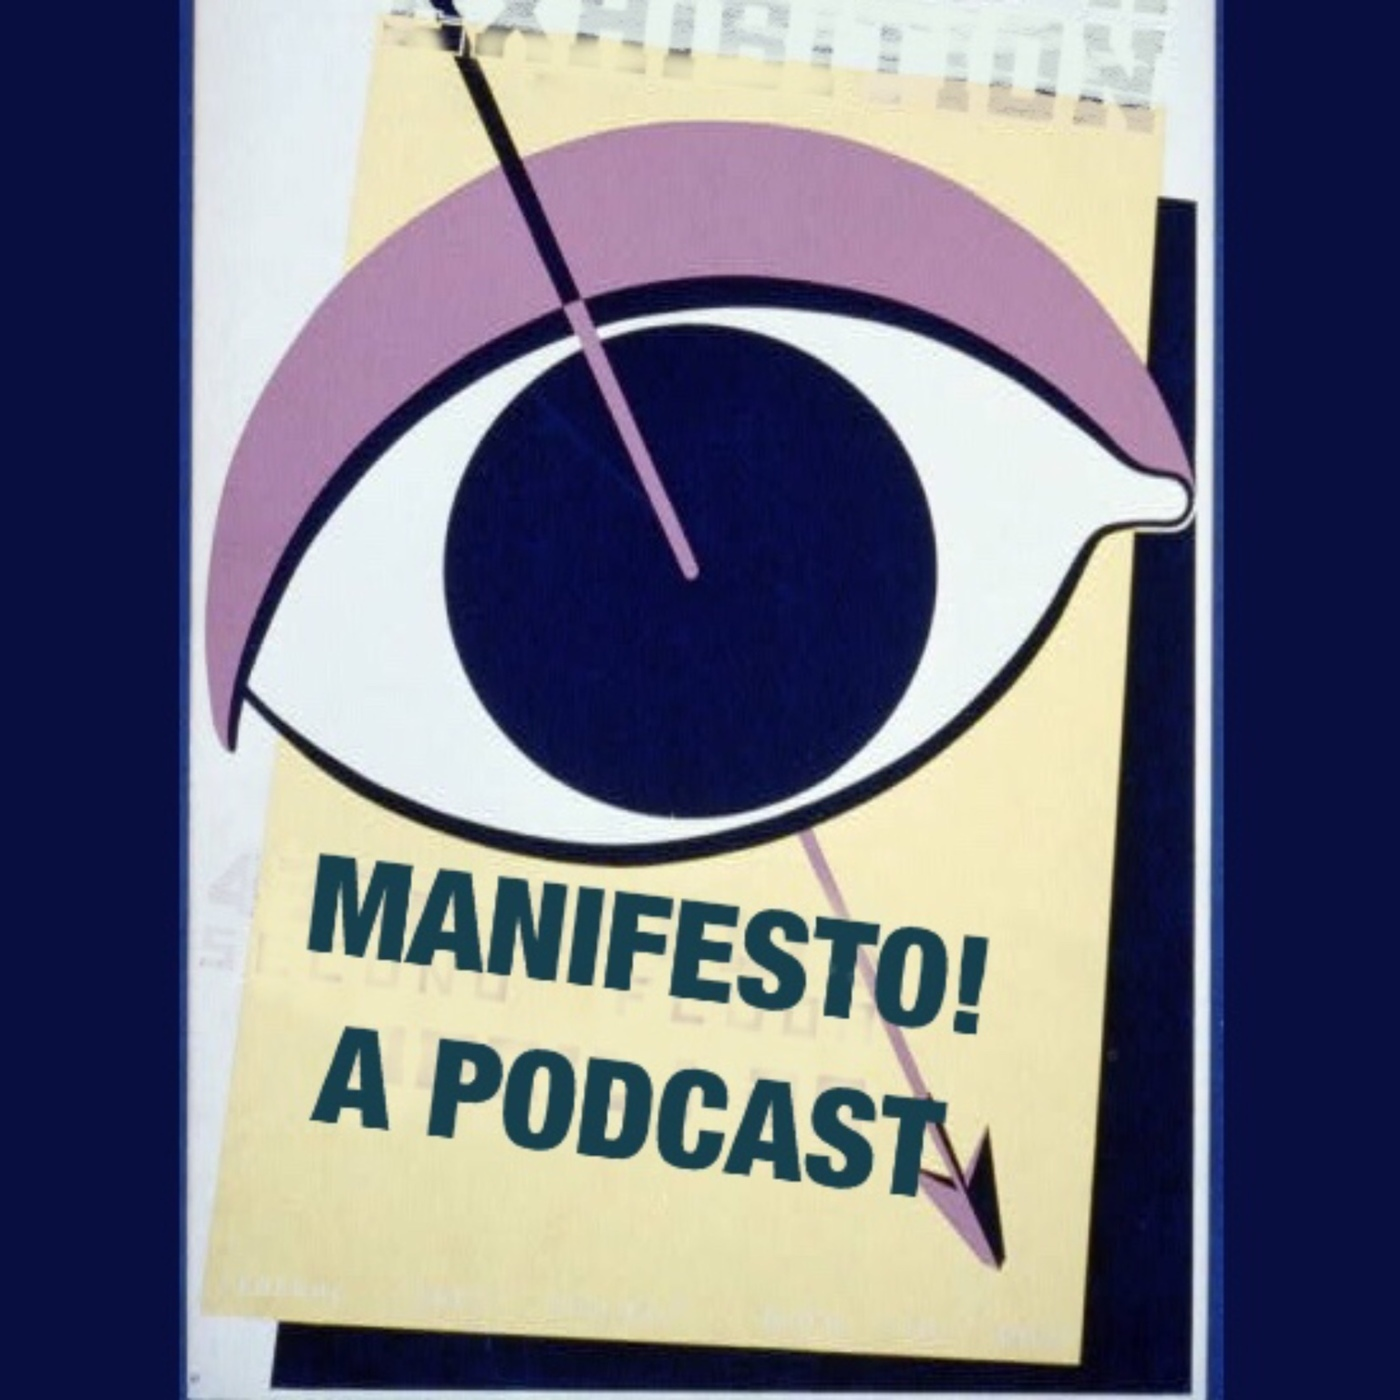 Manifesto!  32: Repressive Tolerance and The Judgement